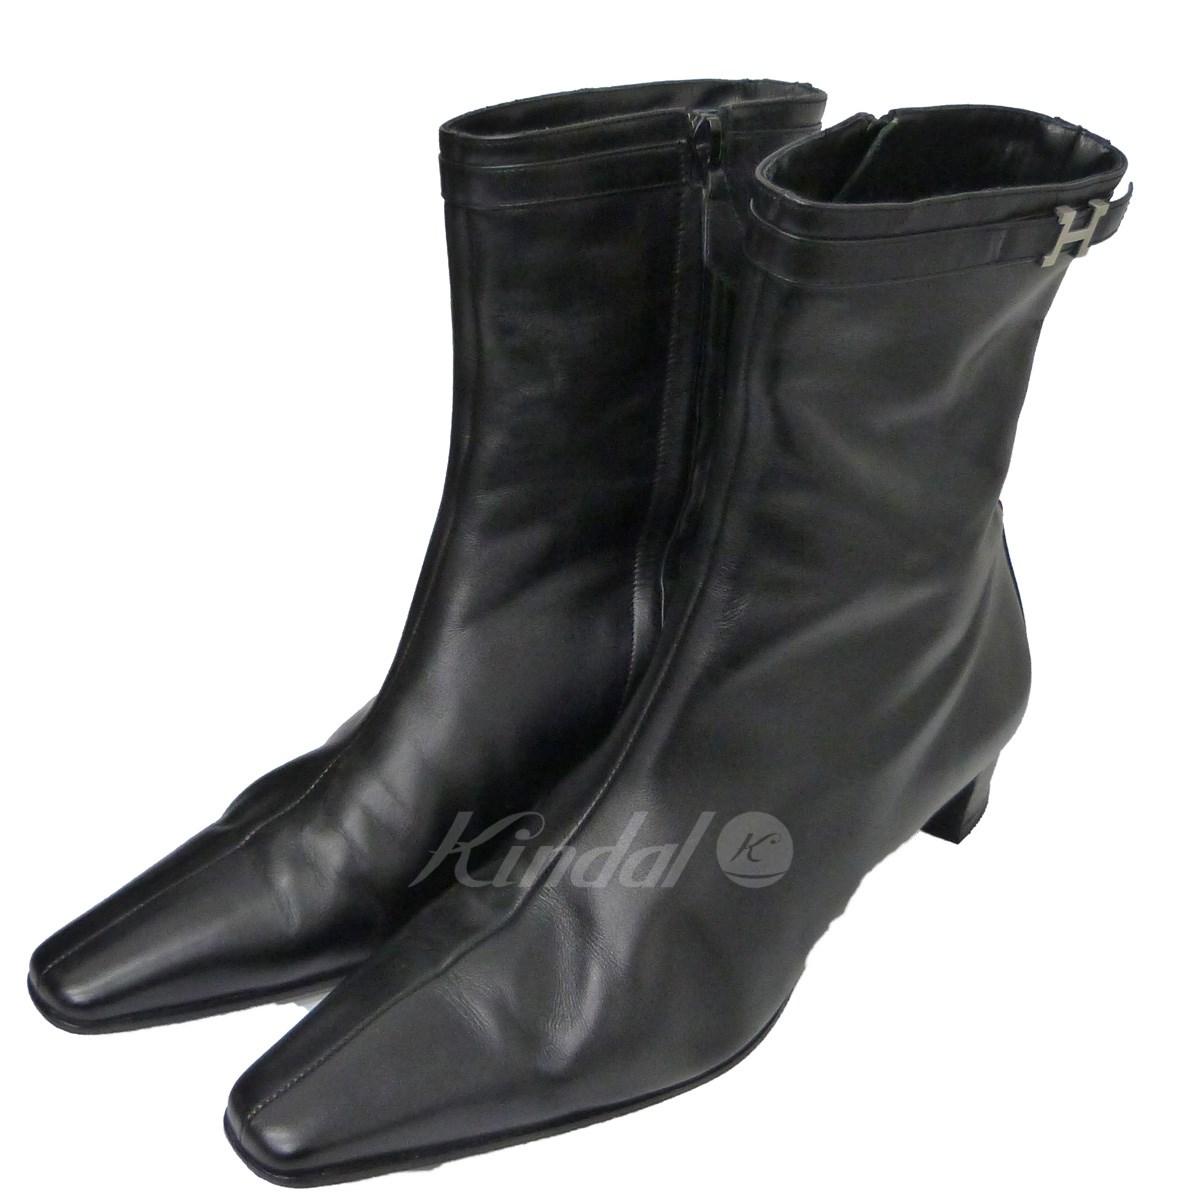 【中古】HERMES サイドジップHバックルブーツ ブラック サイズ:39 【送料無料】 【140718】(エルメス)